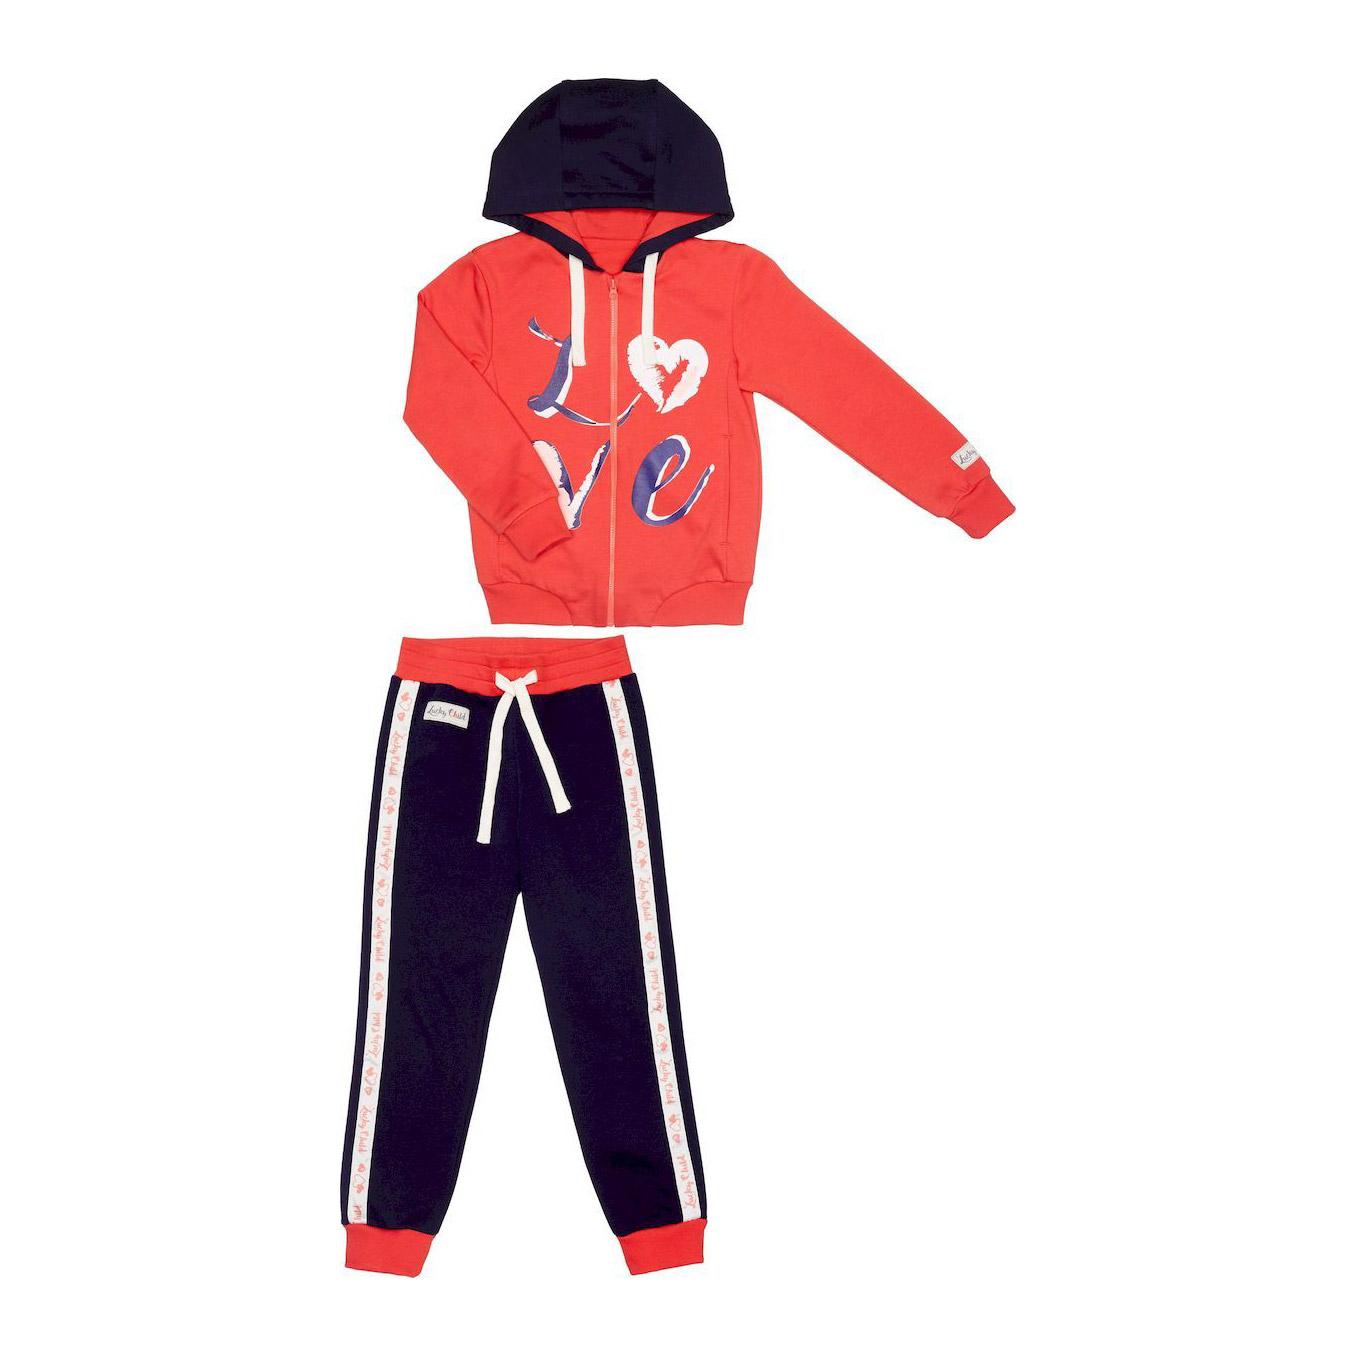 Купить Спортивный костюм Lucky Child: куртка и брюки коралл/синий 110-116, Синий, Коралловый, Футер, Для девочек, Весна-Лето,